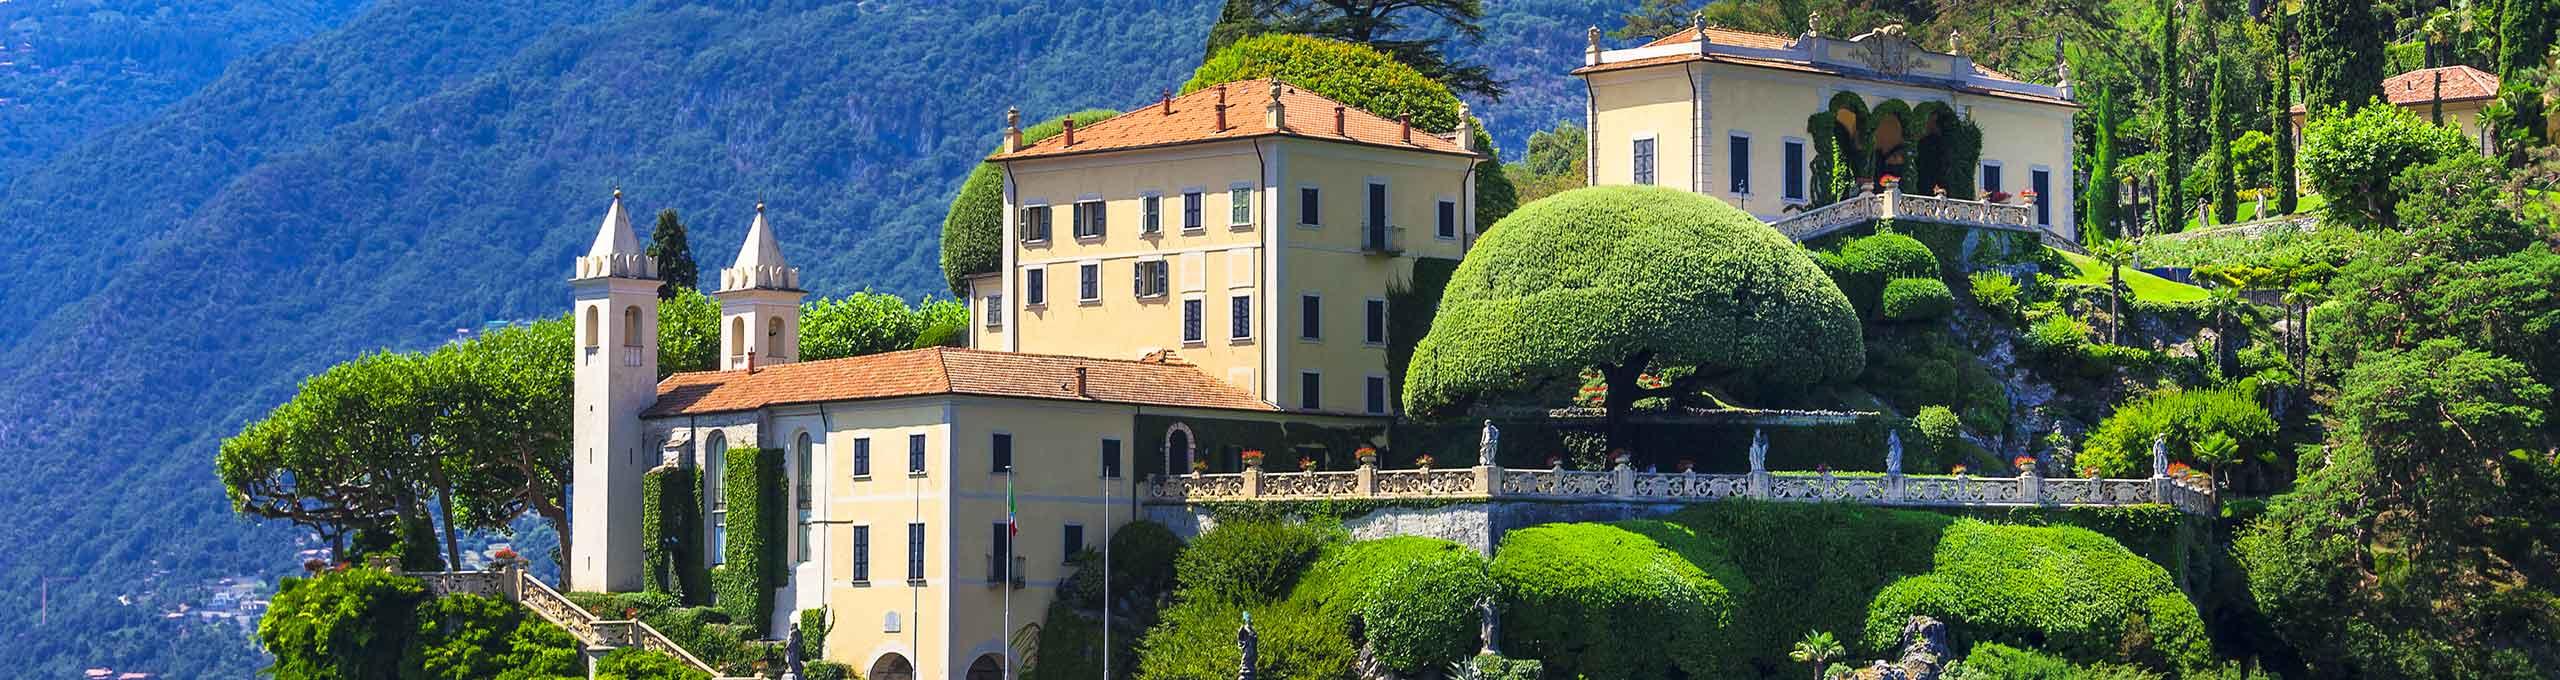 Lenno, Villa del Balbianello, bene Fai